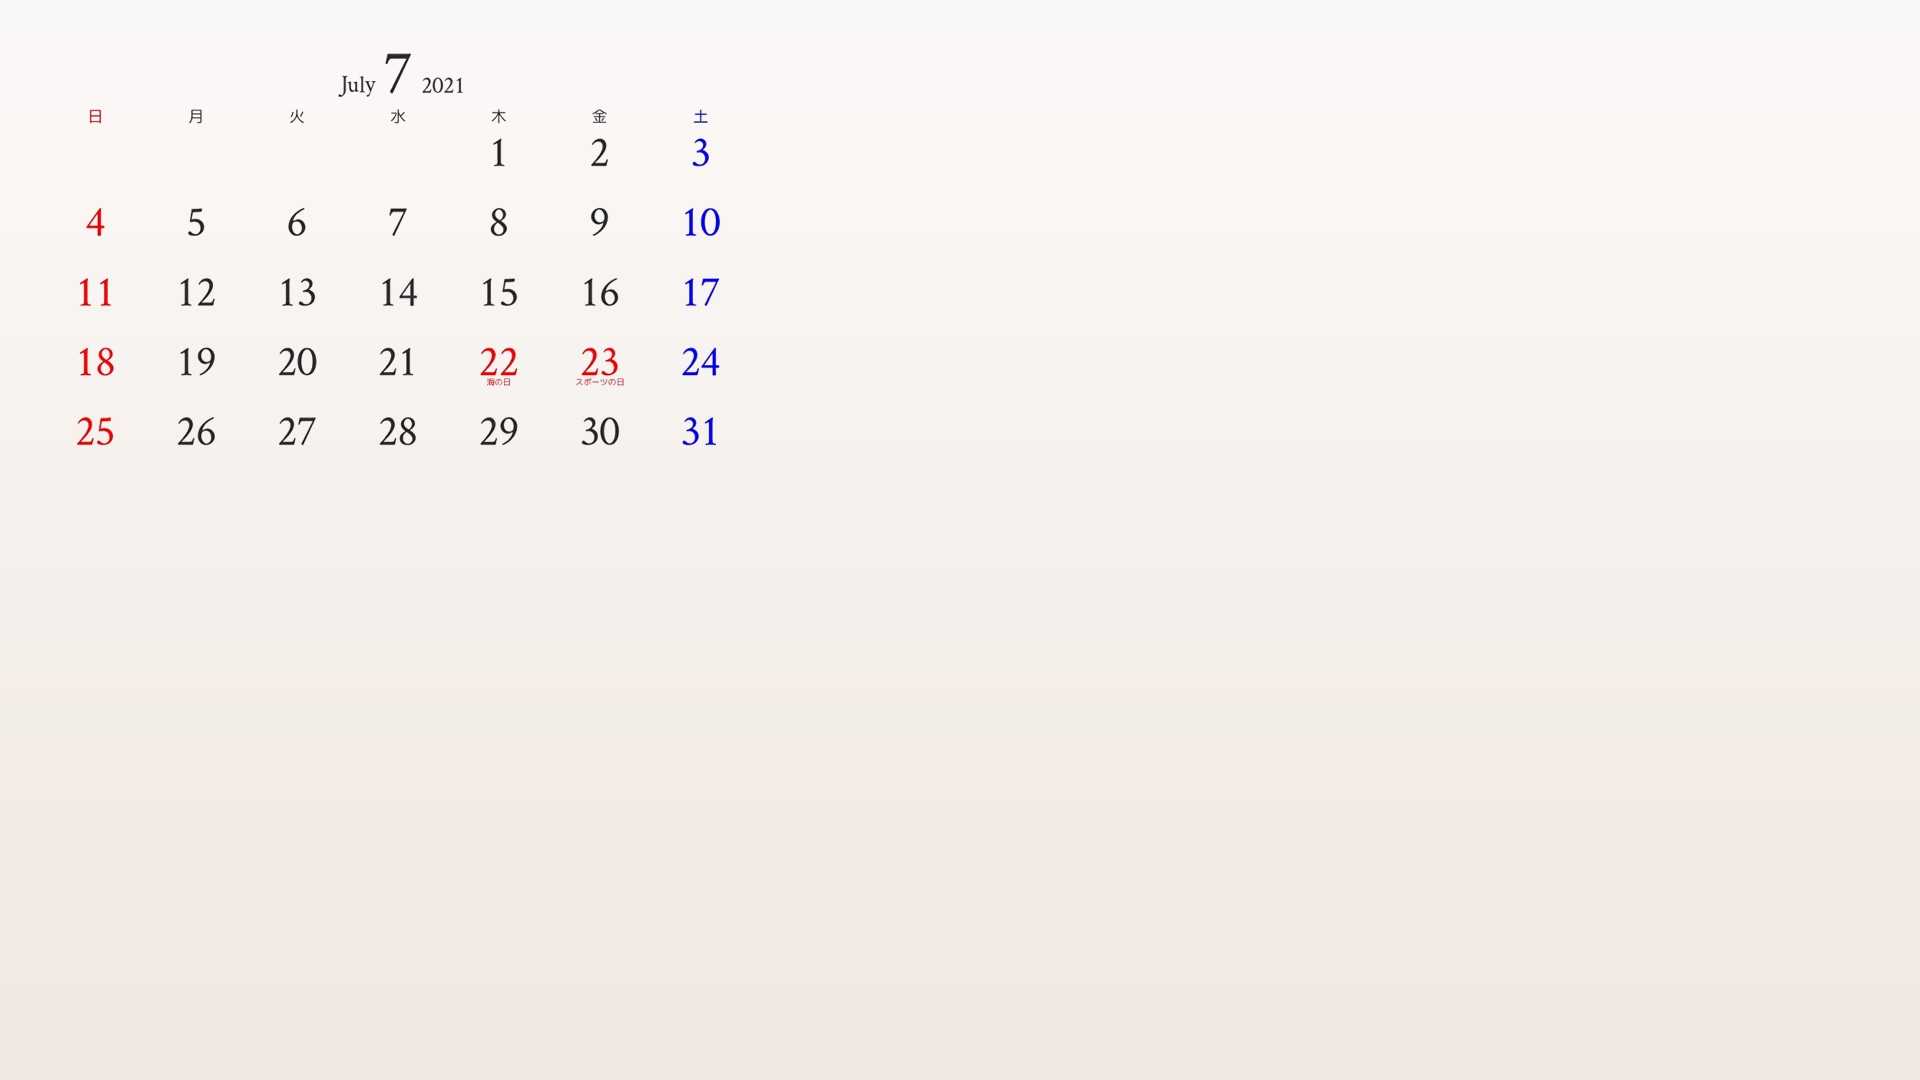 7月のカレンダーがついたアイボリーの背景